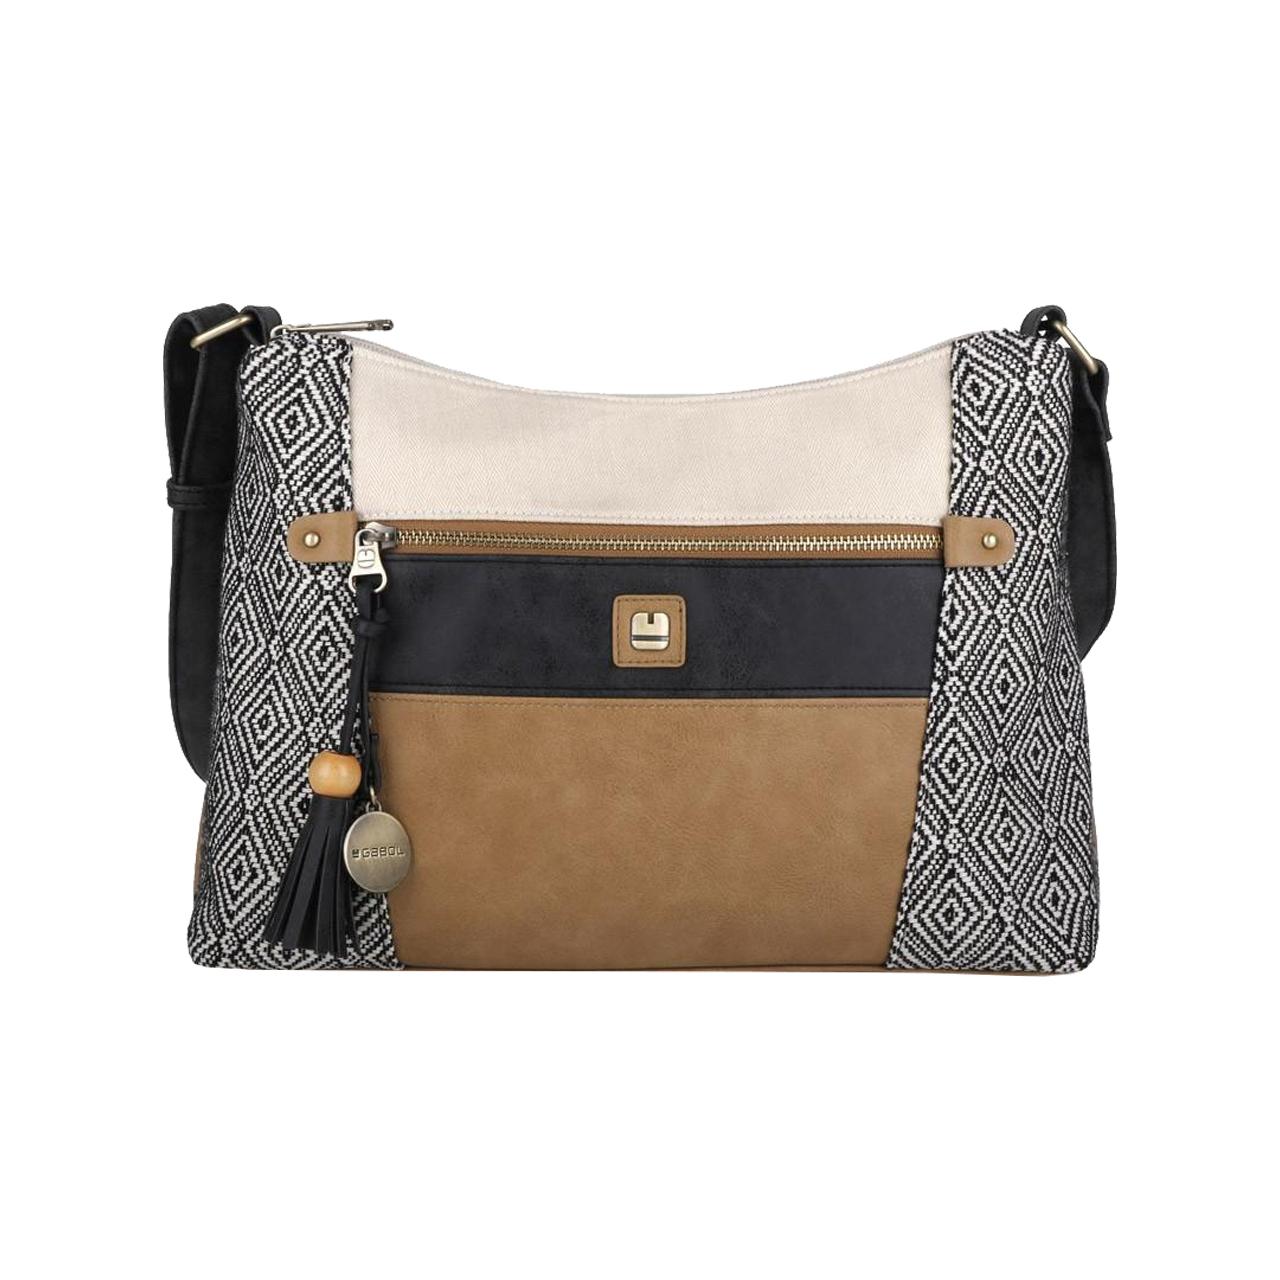 کیف دوشی زنانه گابل مدل Mawui 538313 -  - 2